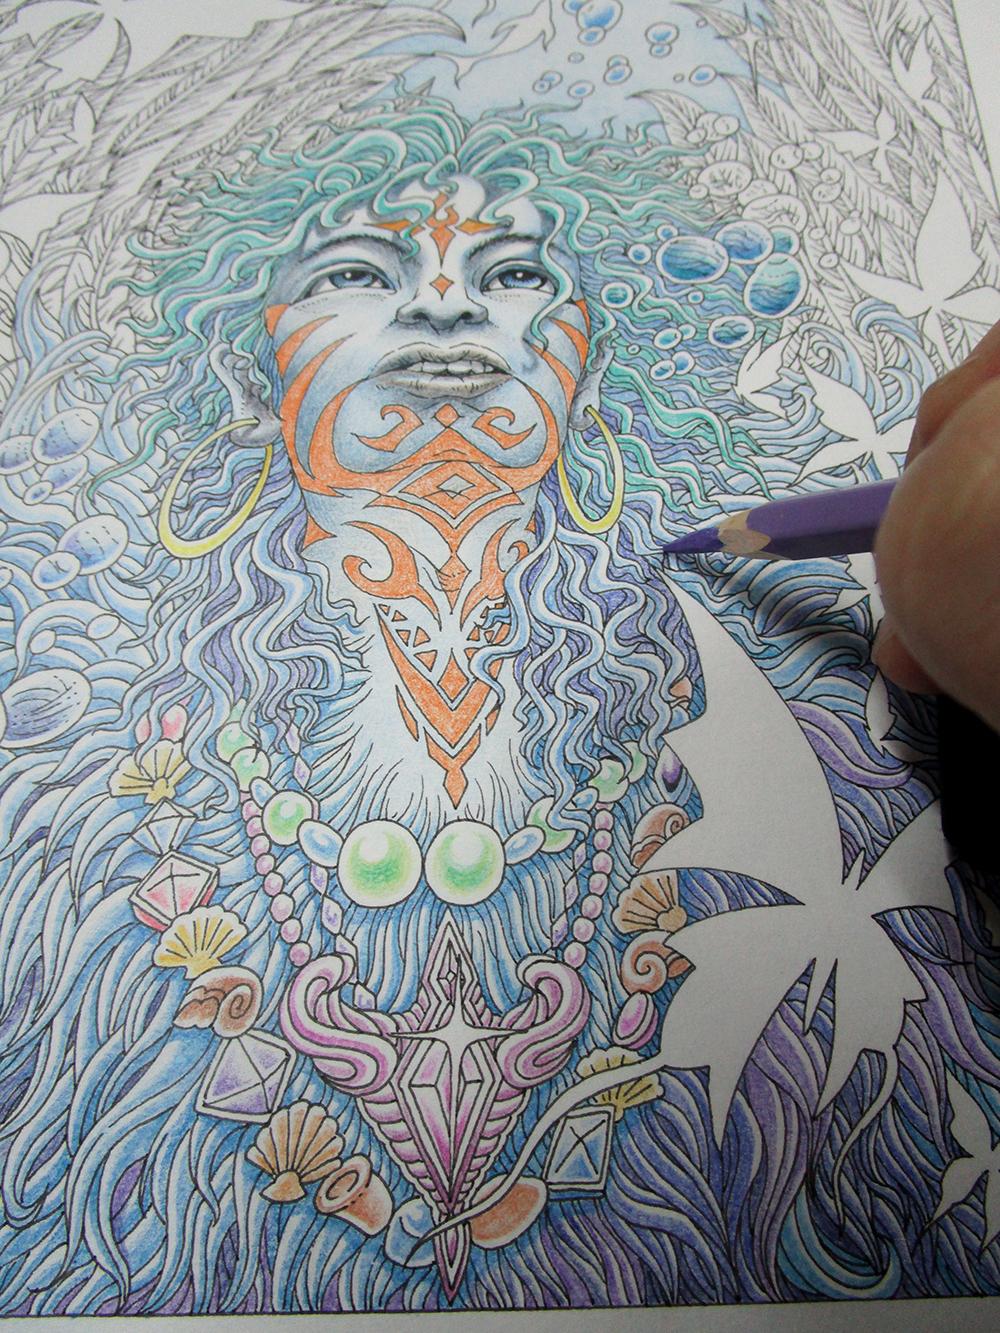 《冷海之子》 彩铅手绘 全过程